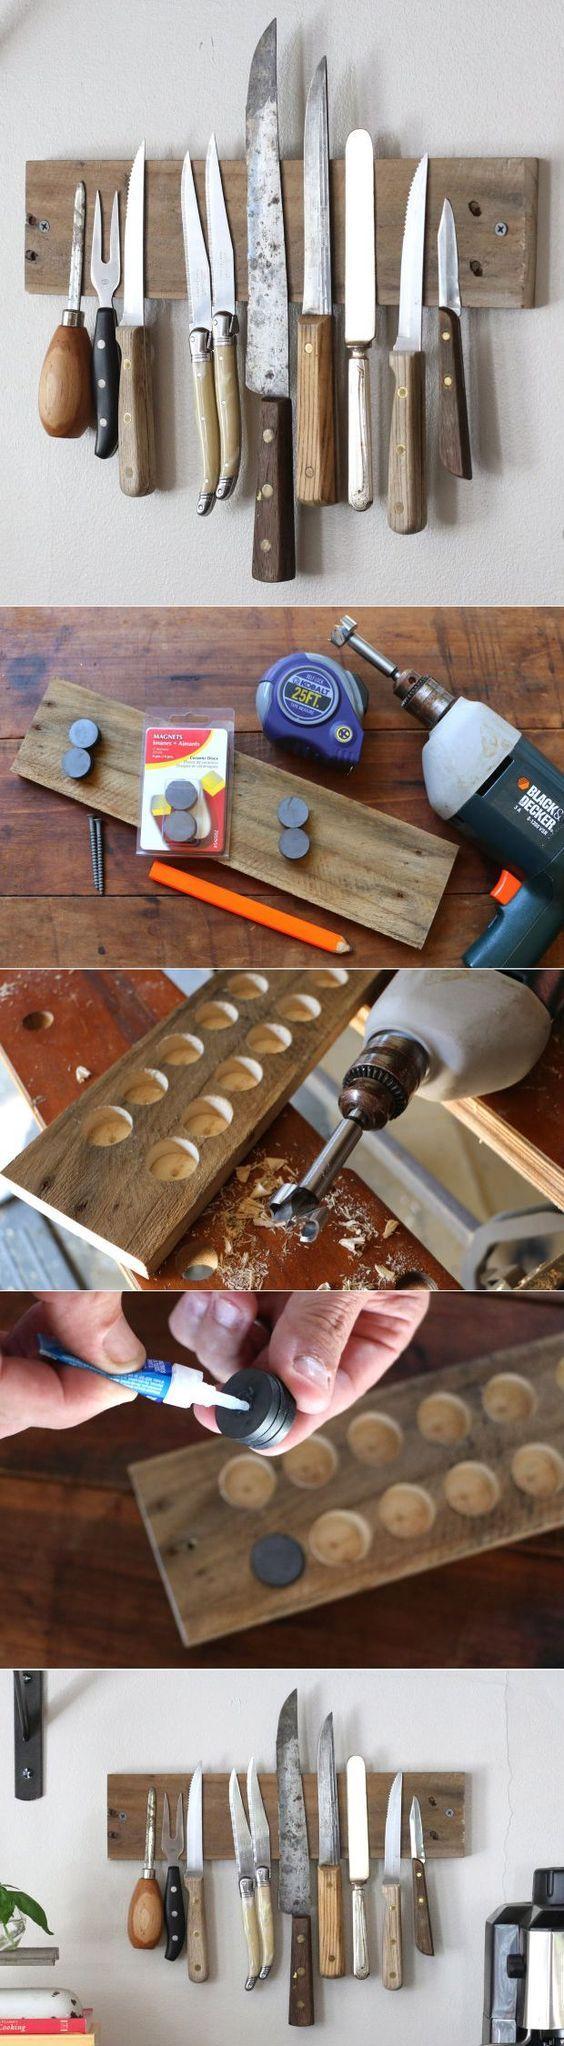 38 besten Küche Bilder auf Pinterest   Küchen design, Küchen ideen ...